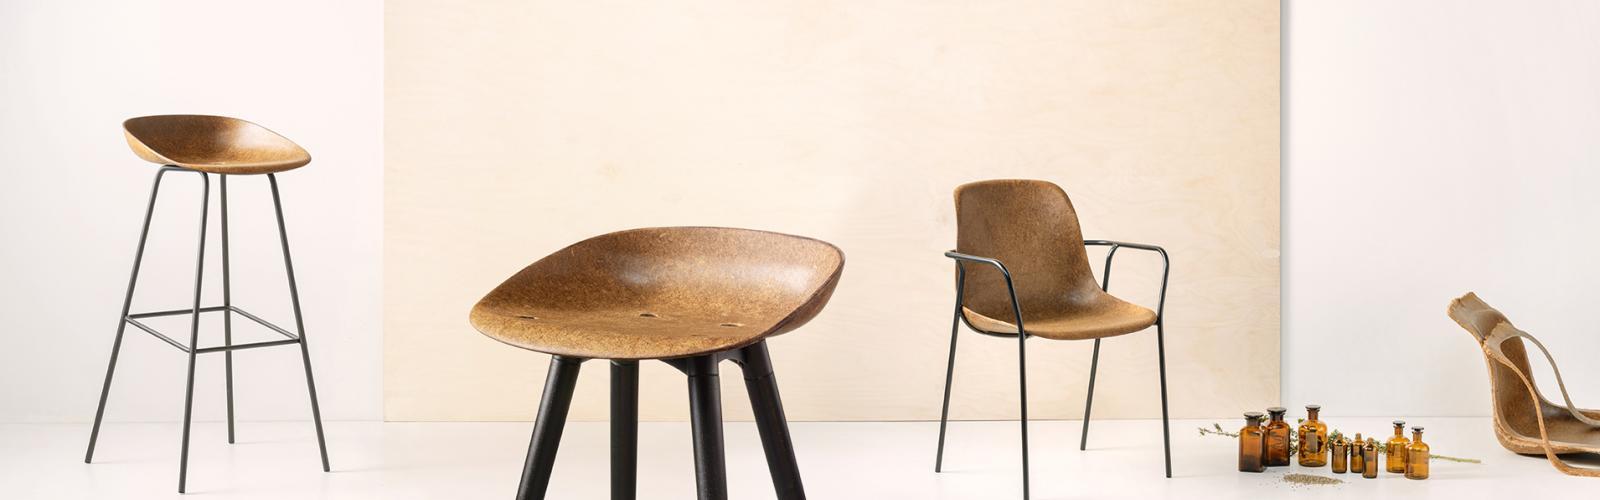 HEMP-stoelen van VEPA